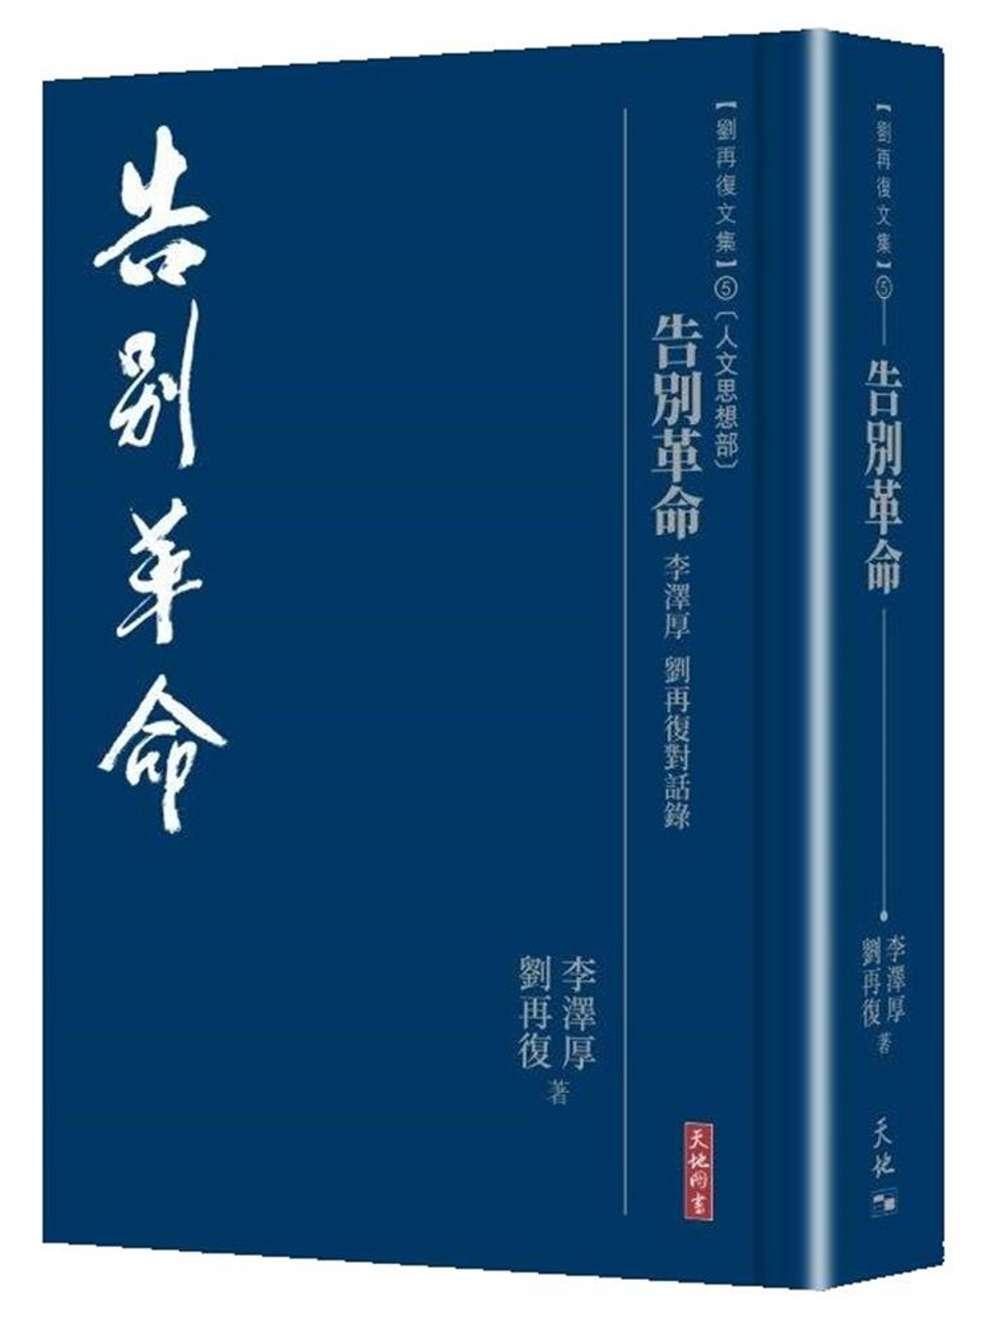 告別革命:李澤厚  劉再復對話...